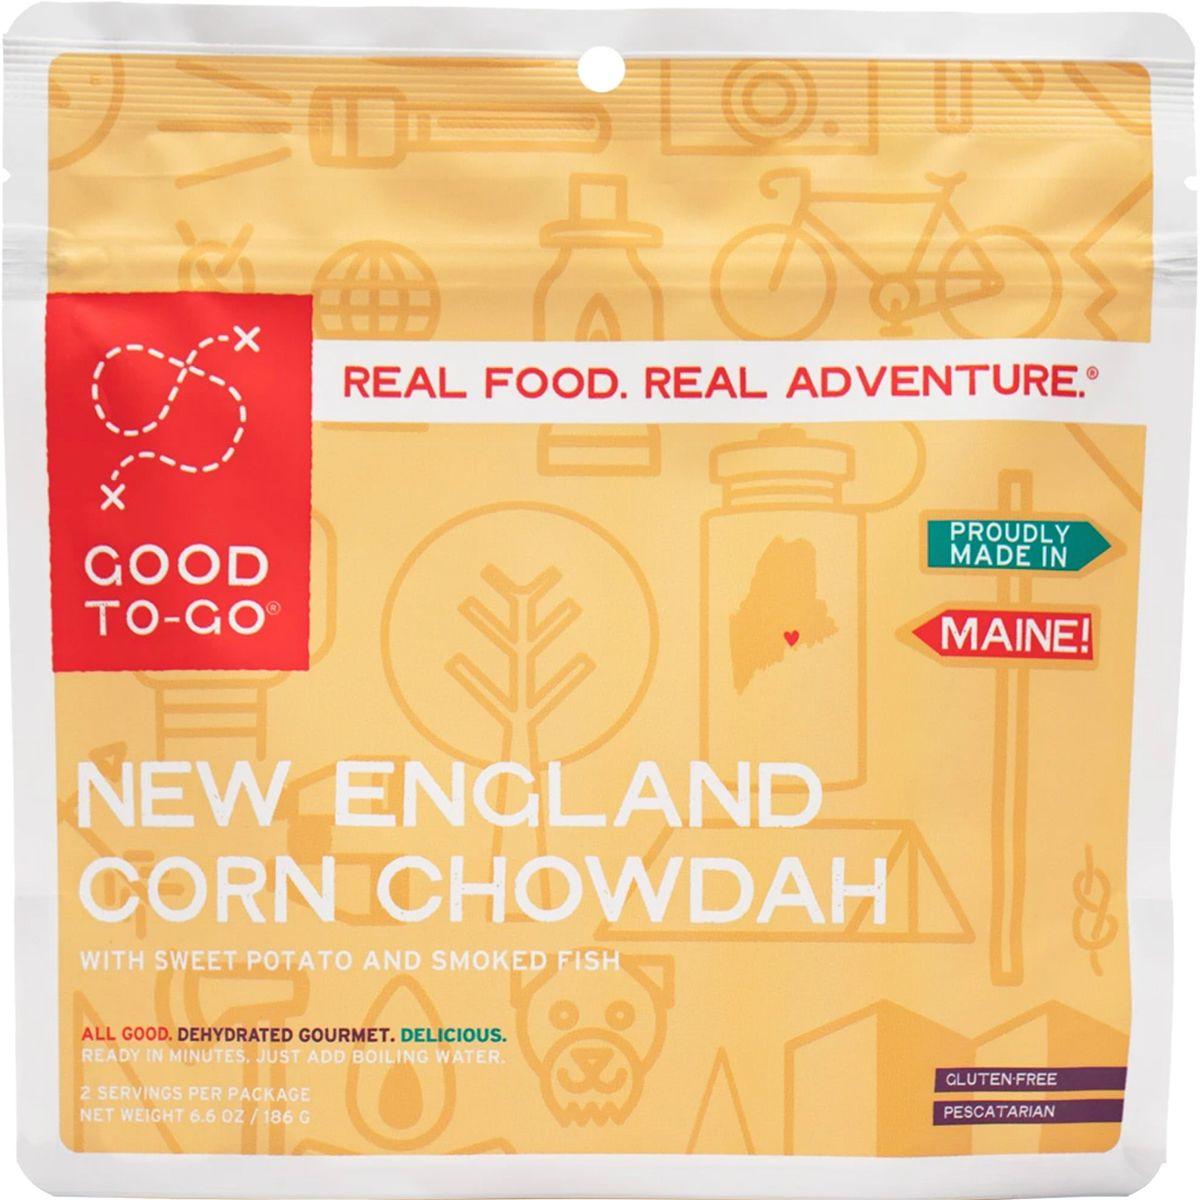 Good To-Go New England Corn Chowdah